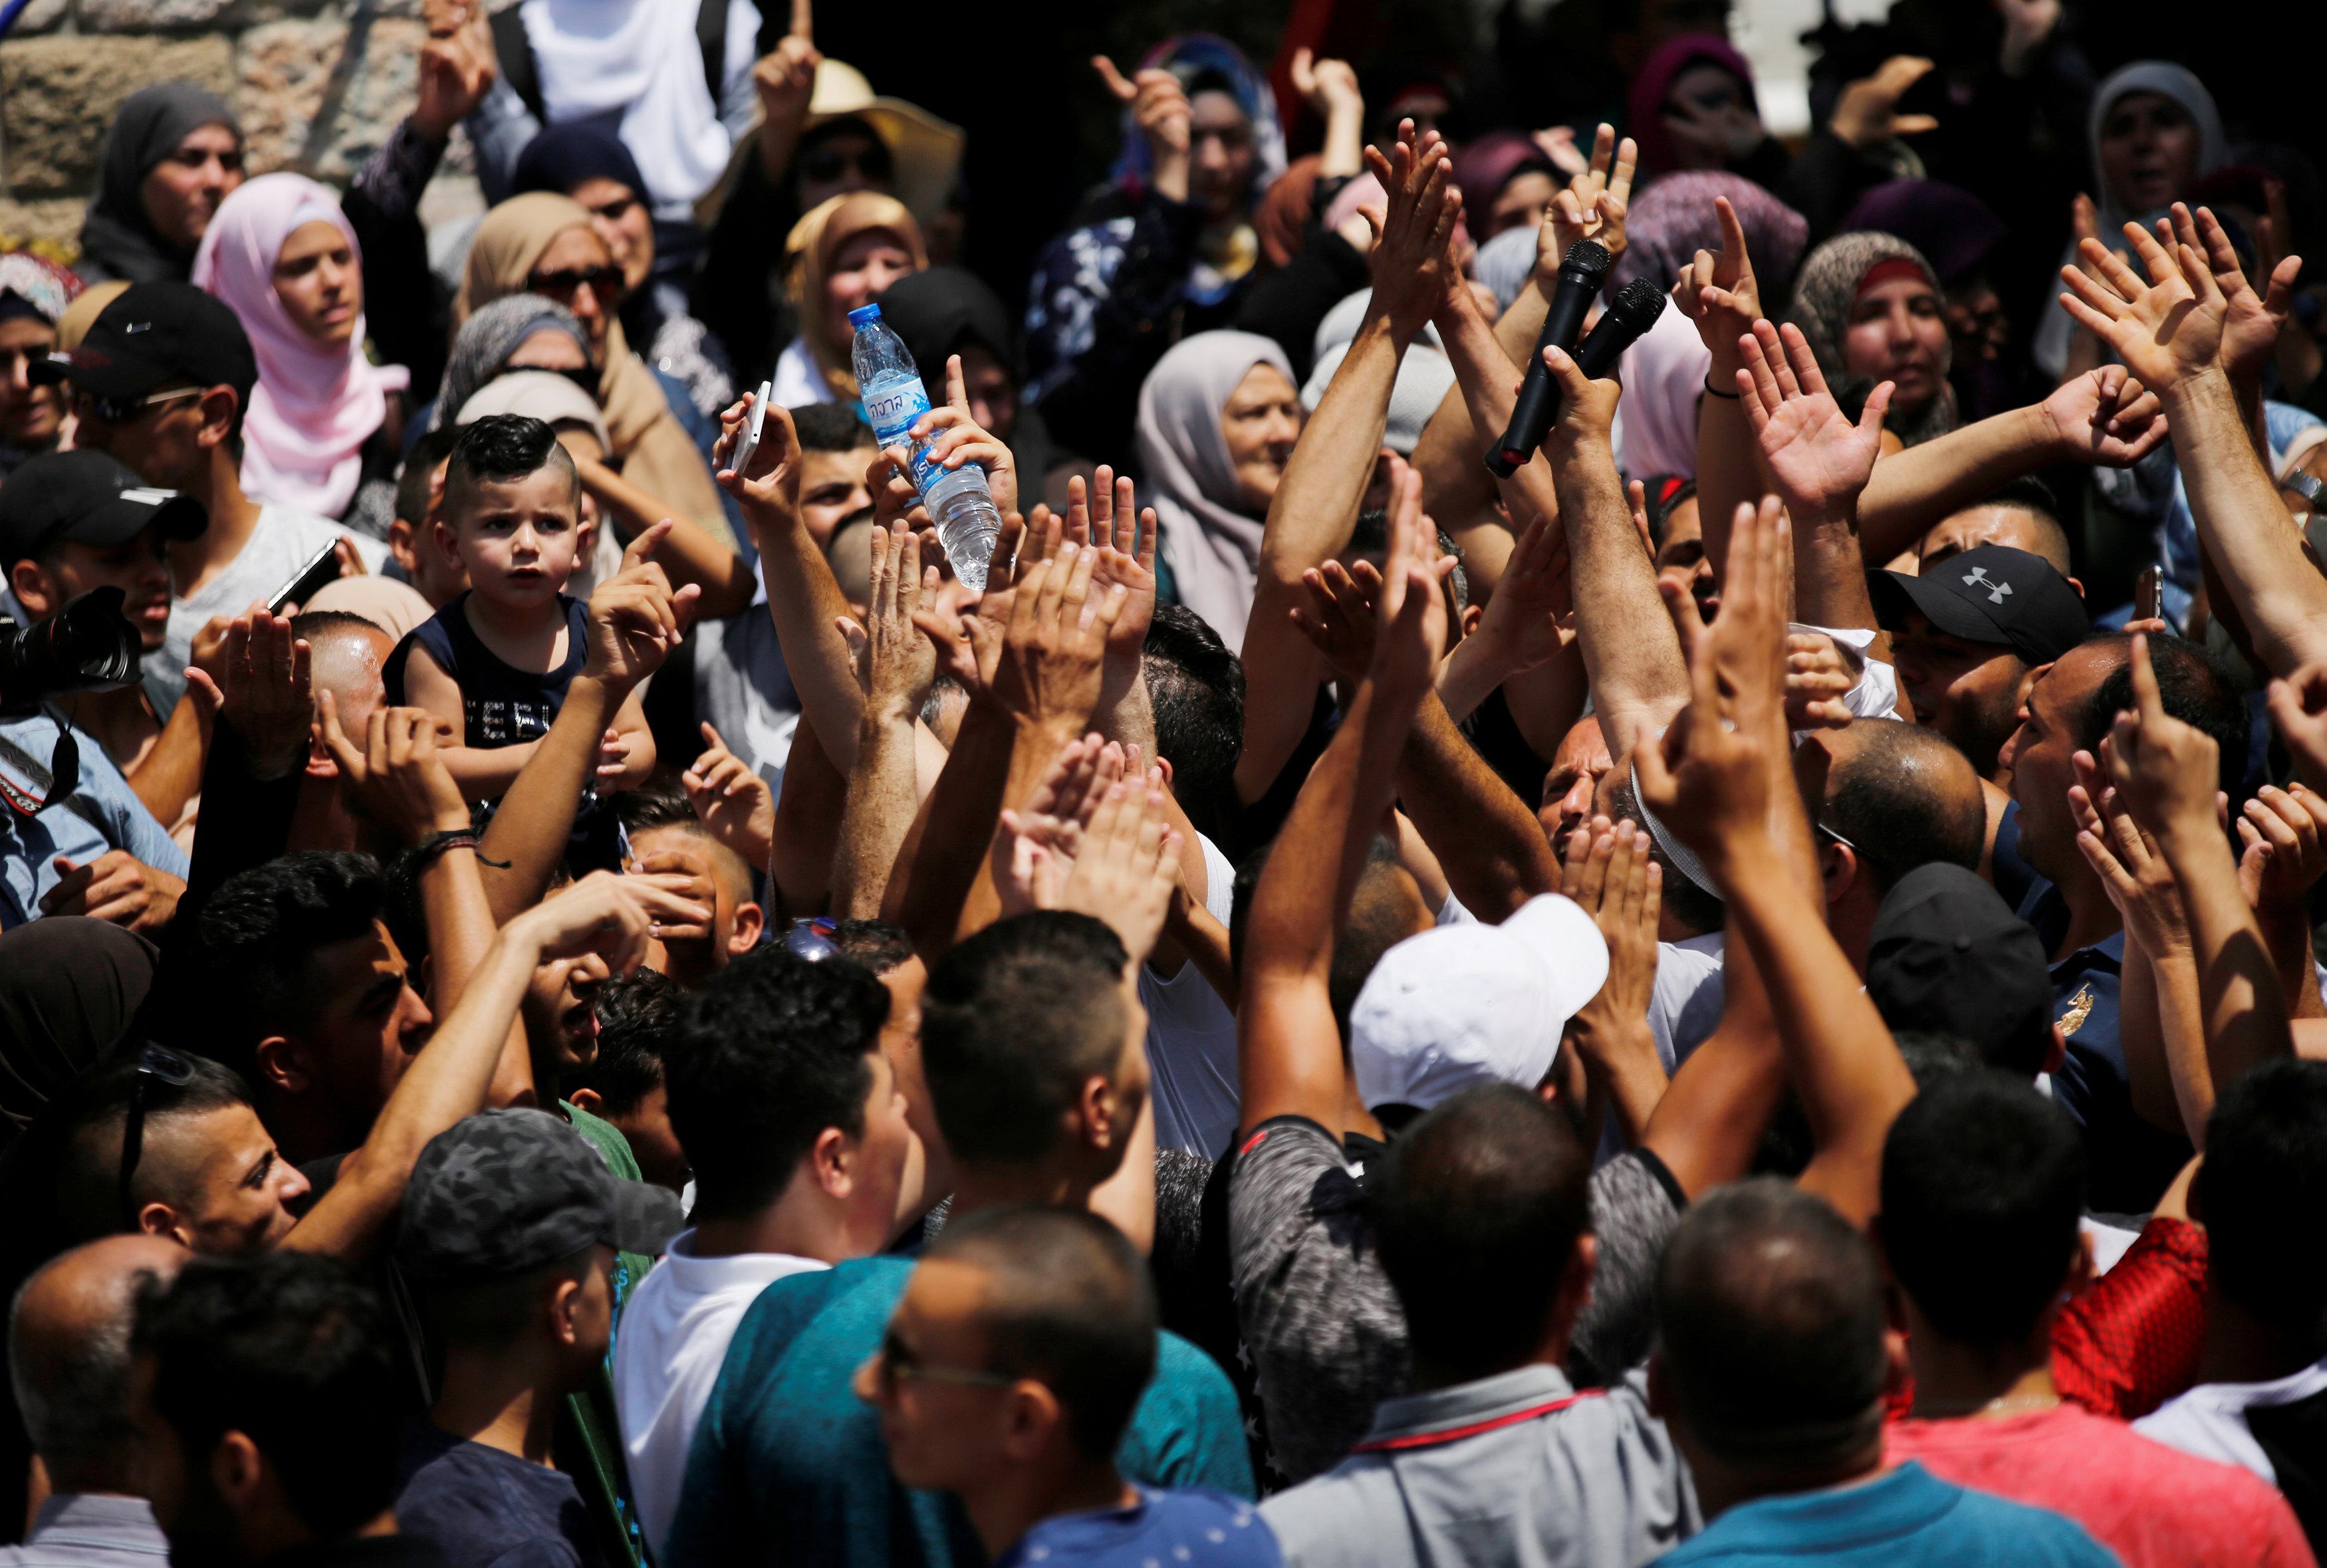 الفلسطينيون يحتفلون فى القدس بإلغاء الإجراءات الأمنية وفتح المسجد الأقصى